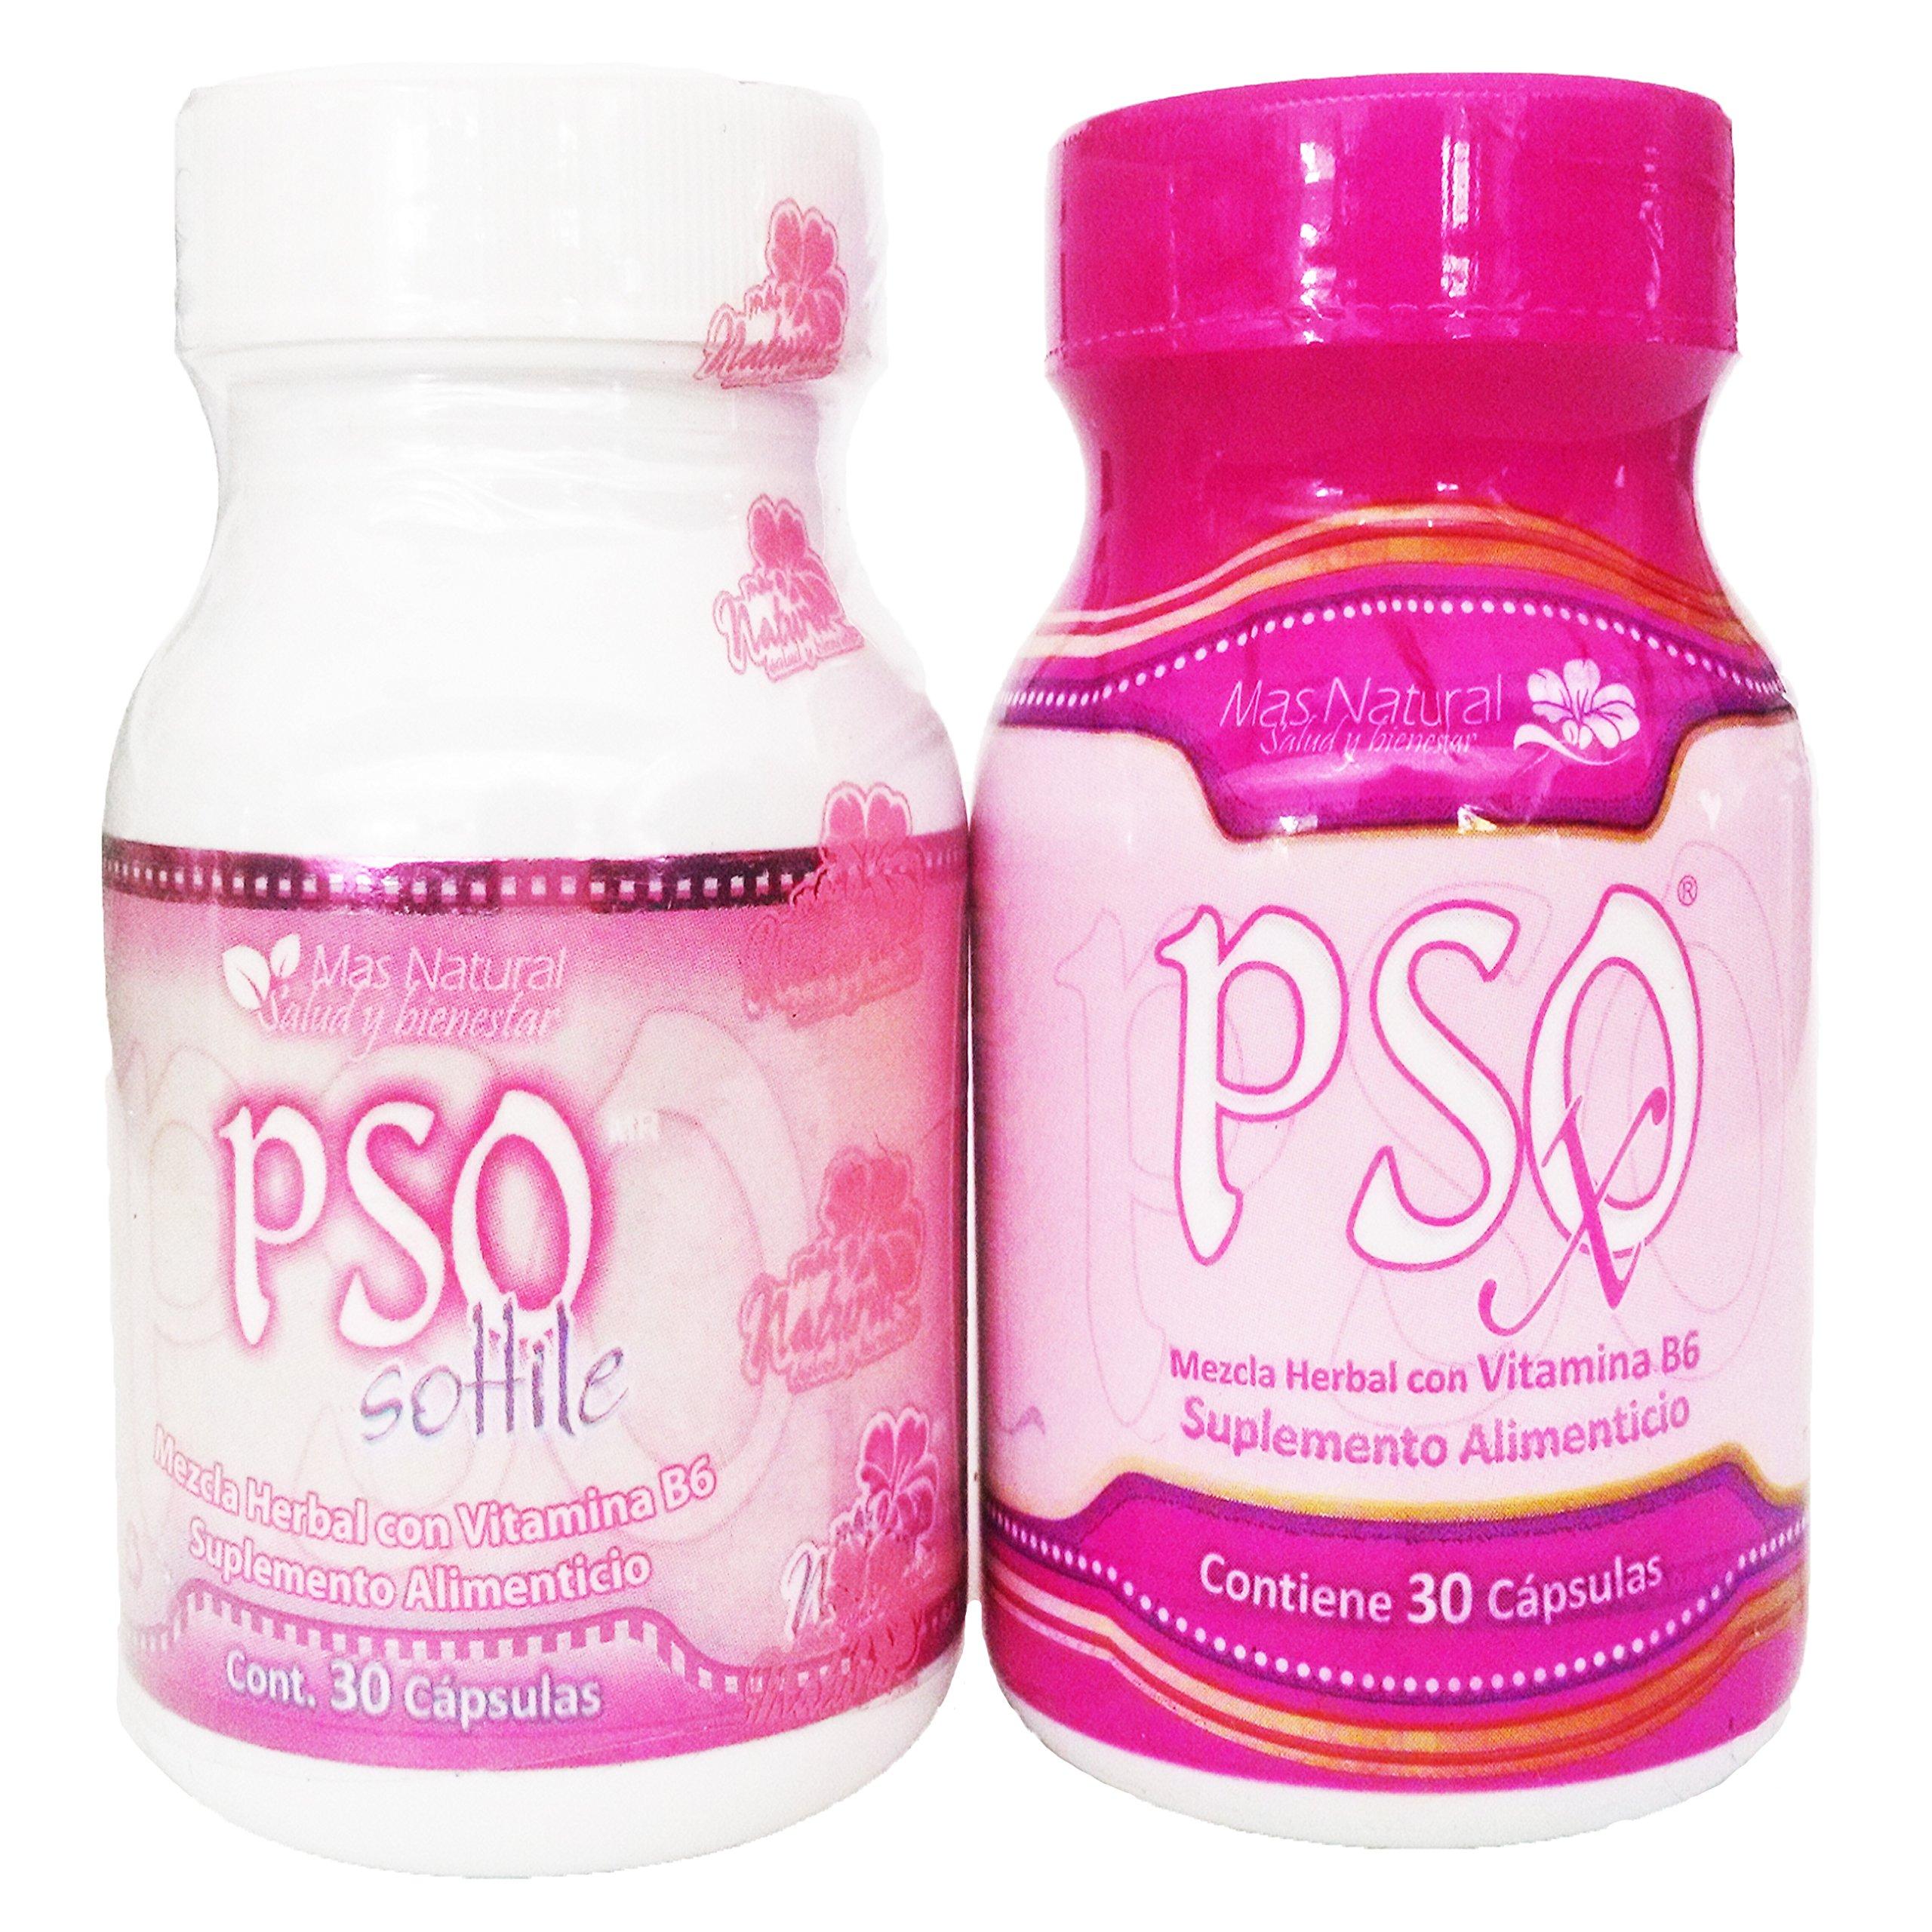 PSO X and PSO SOTTILE Lose Belly Fat Pills For Men and Women- Elimina la grasa del vientre aumenta tu.